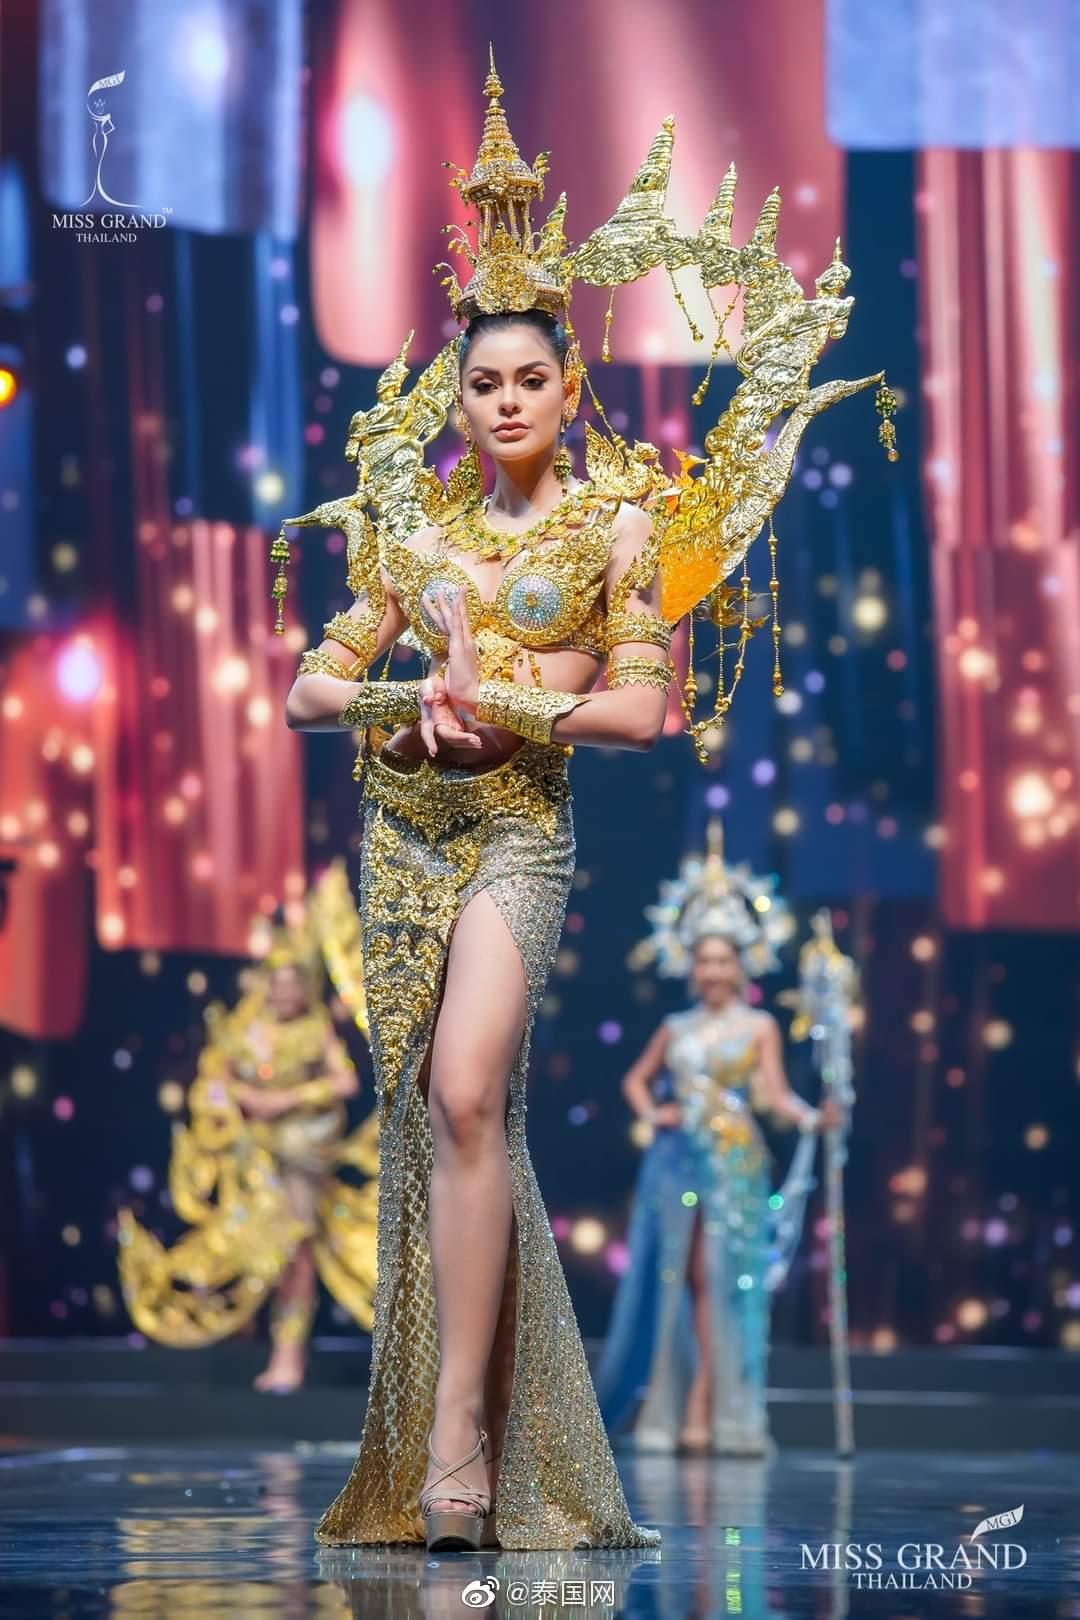 泰国miss grand thailand选美大赛佳丽国服秀第三弹,舍不得眨眼(Cr